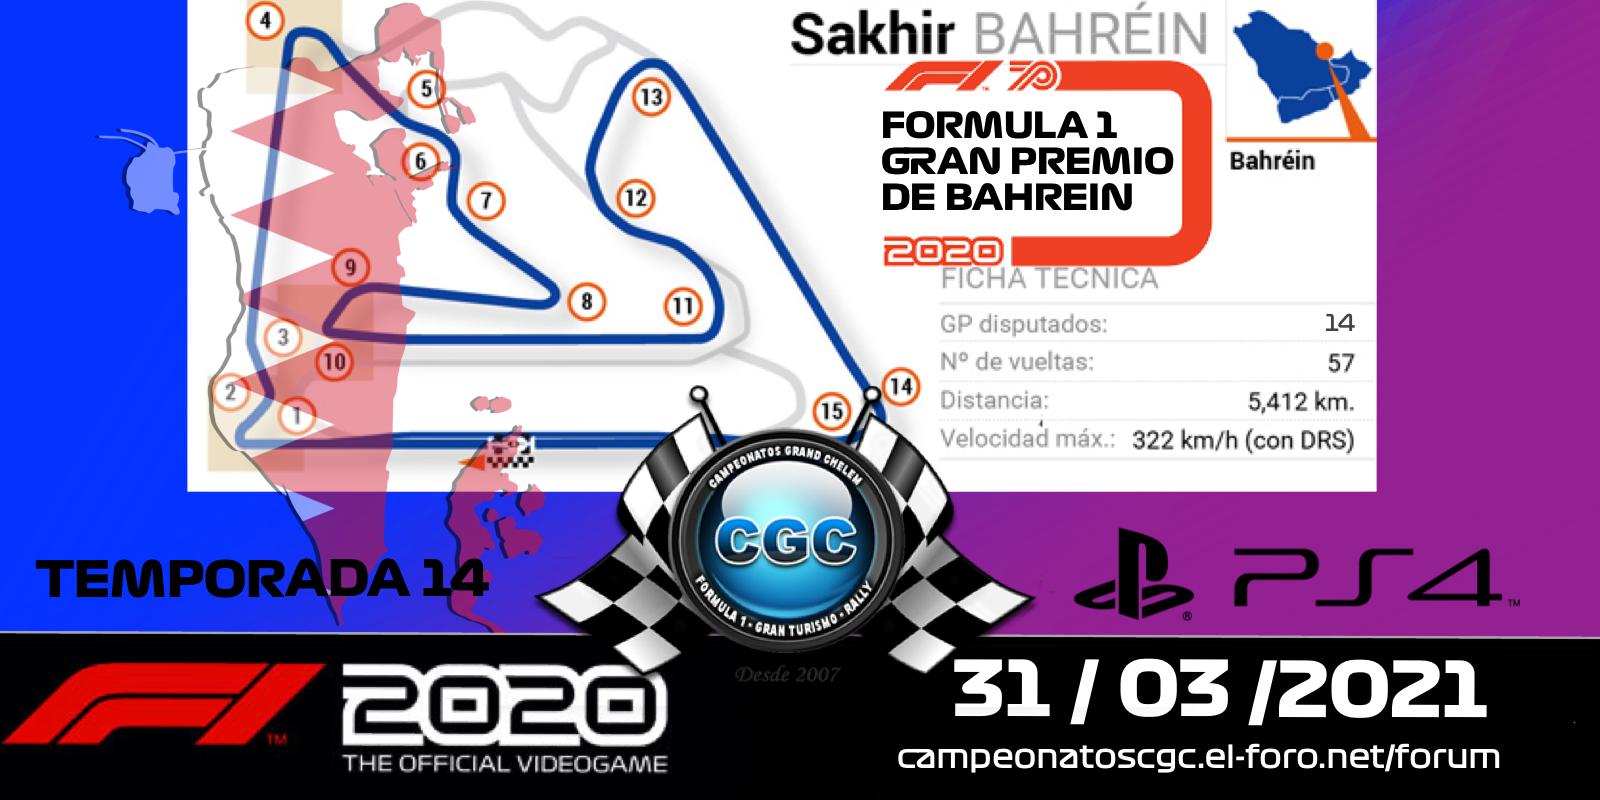 6 - GP de BAHREIN 31/03/2021 CZjsyUf